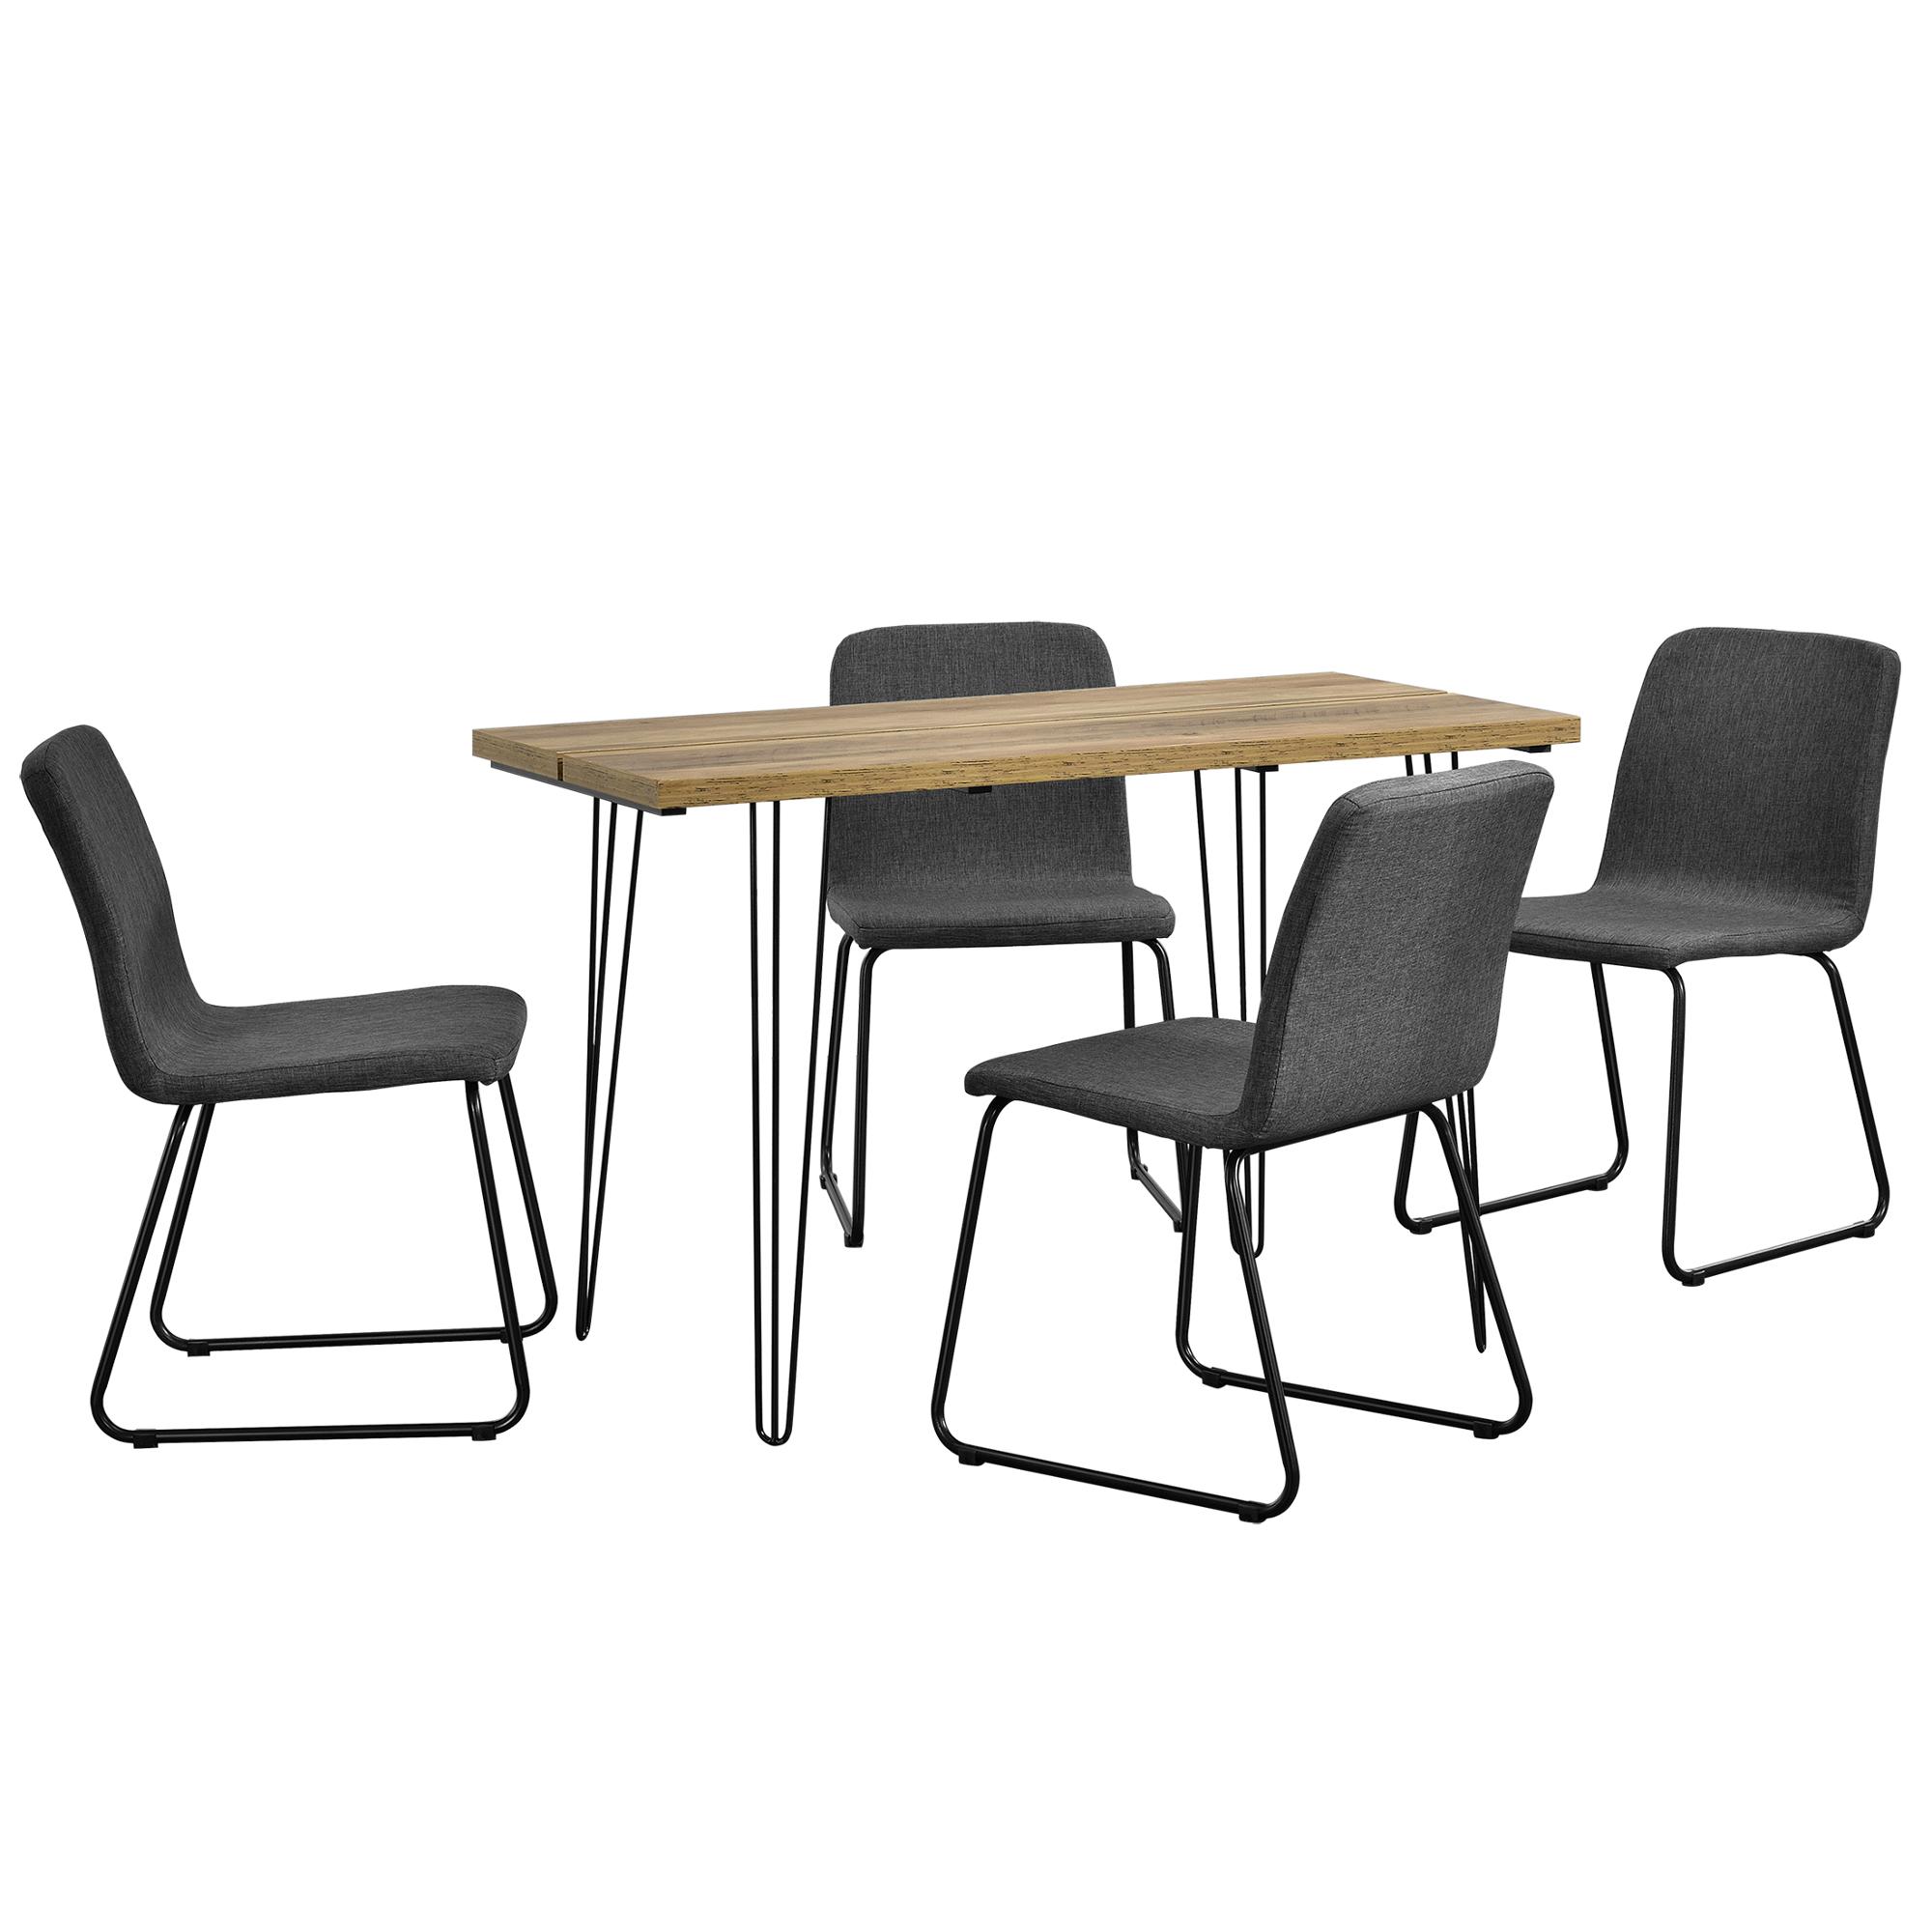 esstisch 120x60cm hairpinlegs mit 4 st hlen grau textil essgruppe 4059438116810 ebay. Black Bedroom Furniture Sets. Home Design Ideas